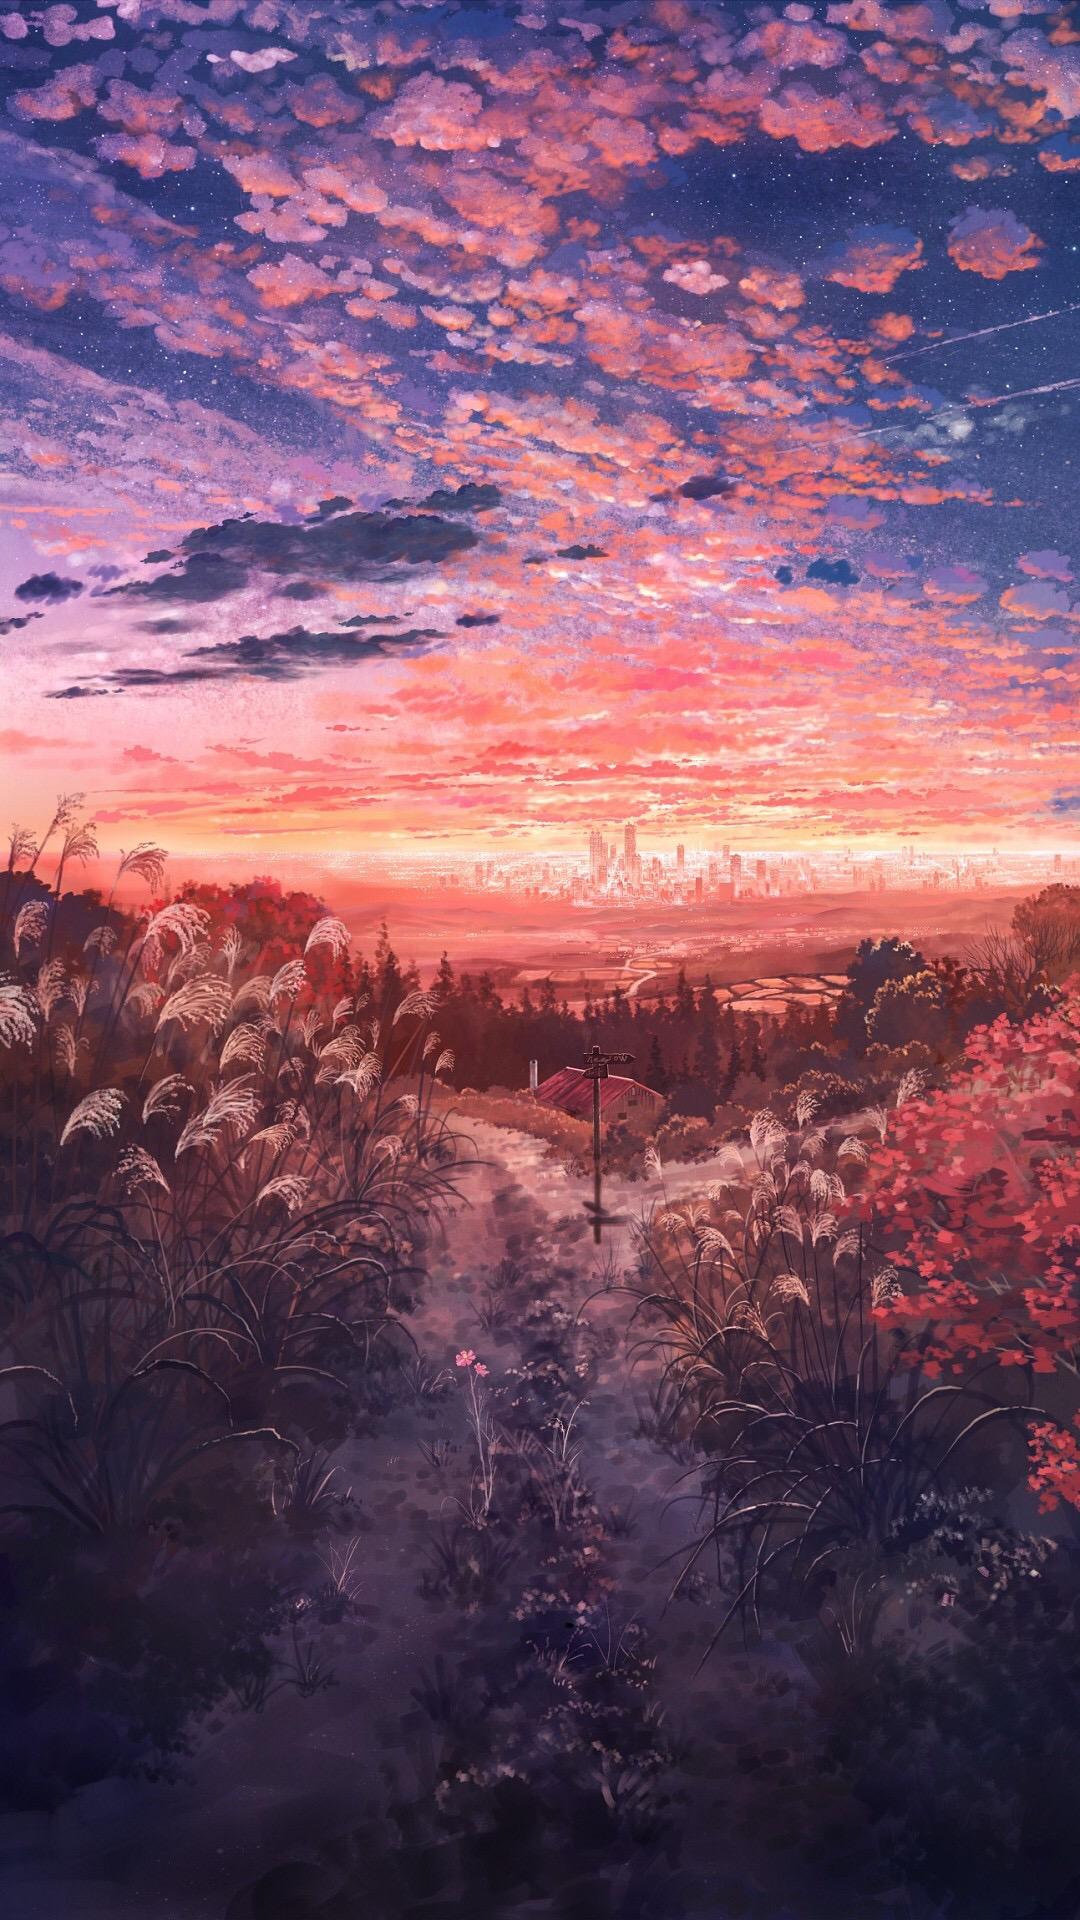 电脑上wap网:动漫场景 天空 夕阳 原野 芦苇 苹果手机高清壁纸 1080x